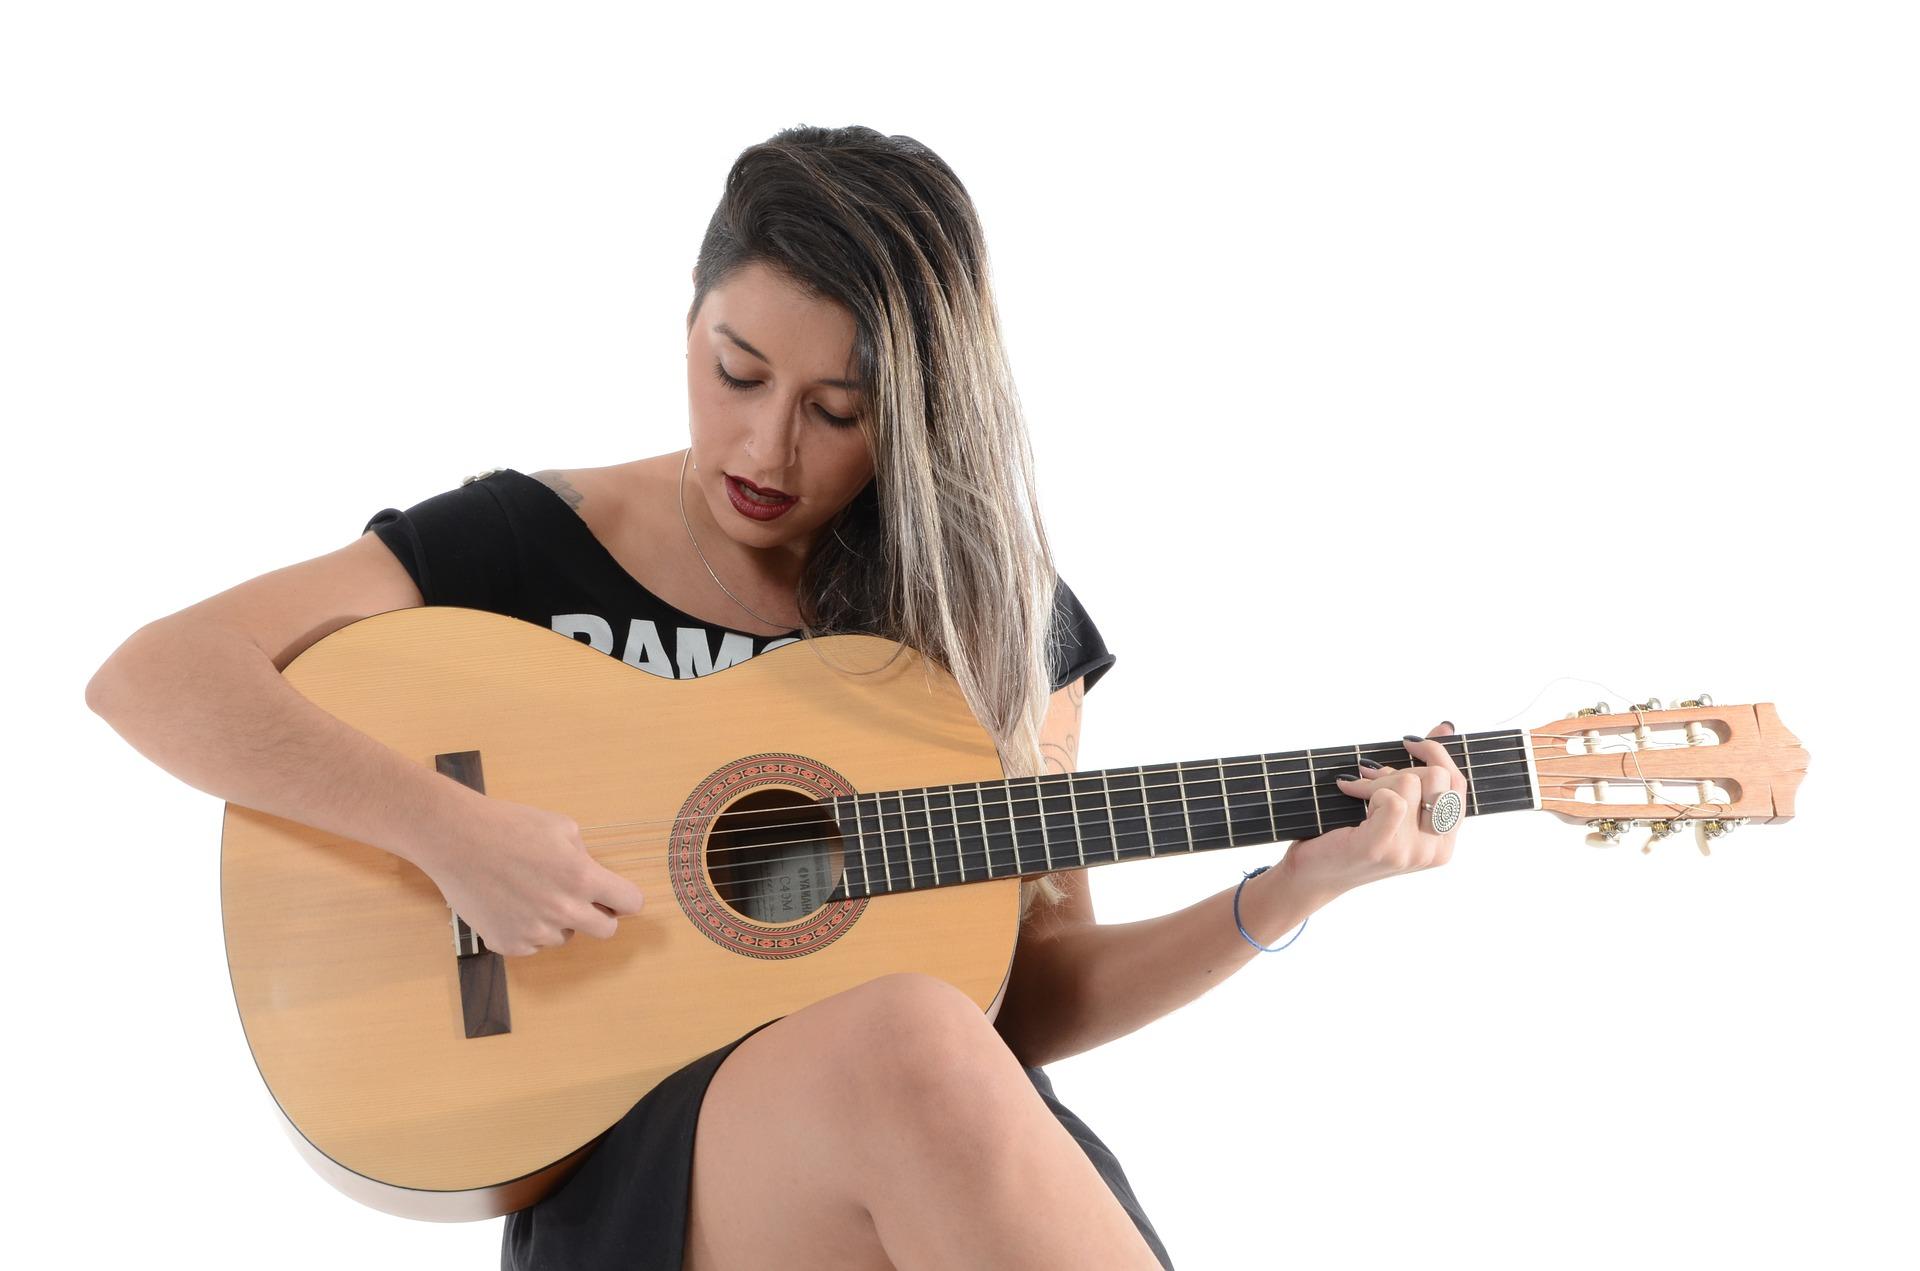 Die Gitarre ist ein Zupfinstrument